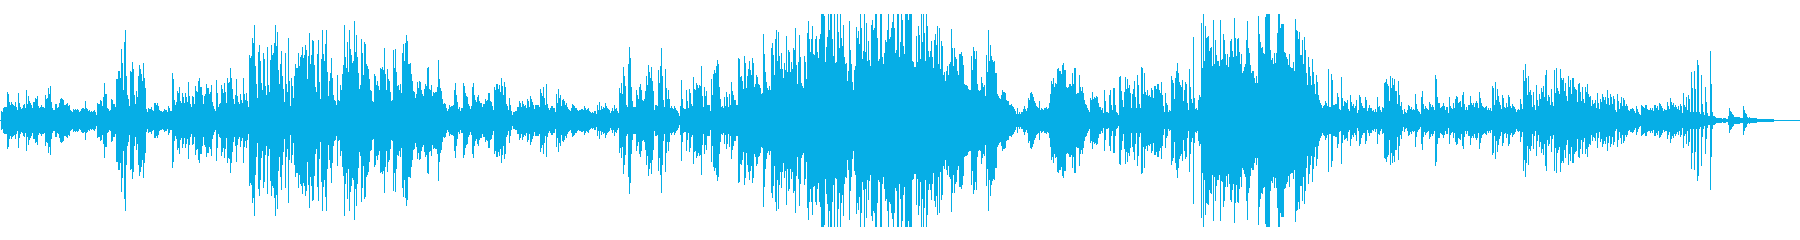 ノクターン(夜想曲) 第8番 ショパンの再生済みの波形